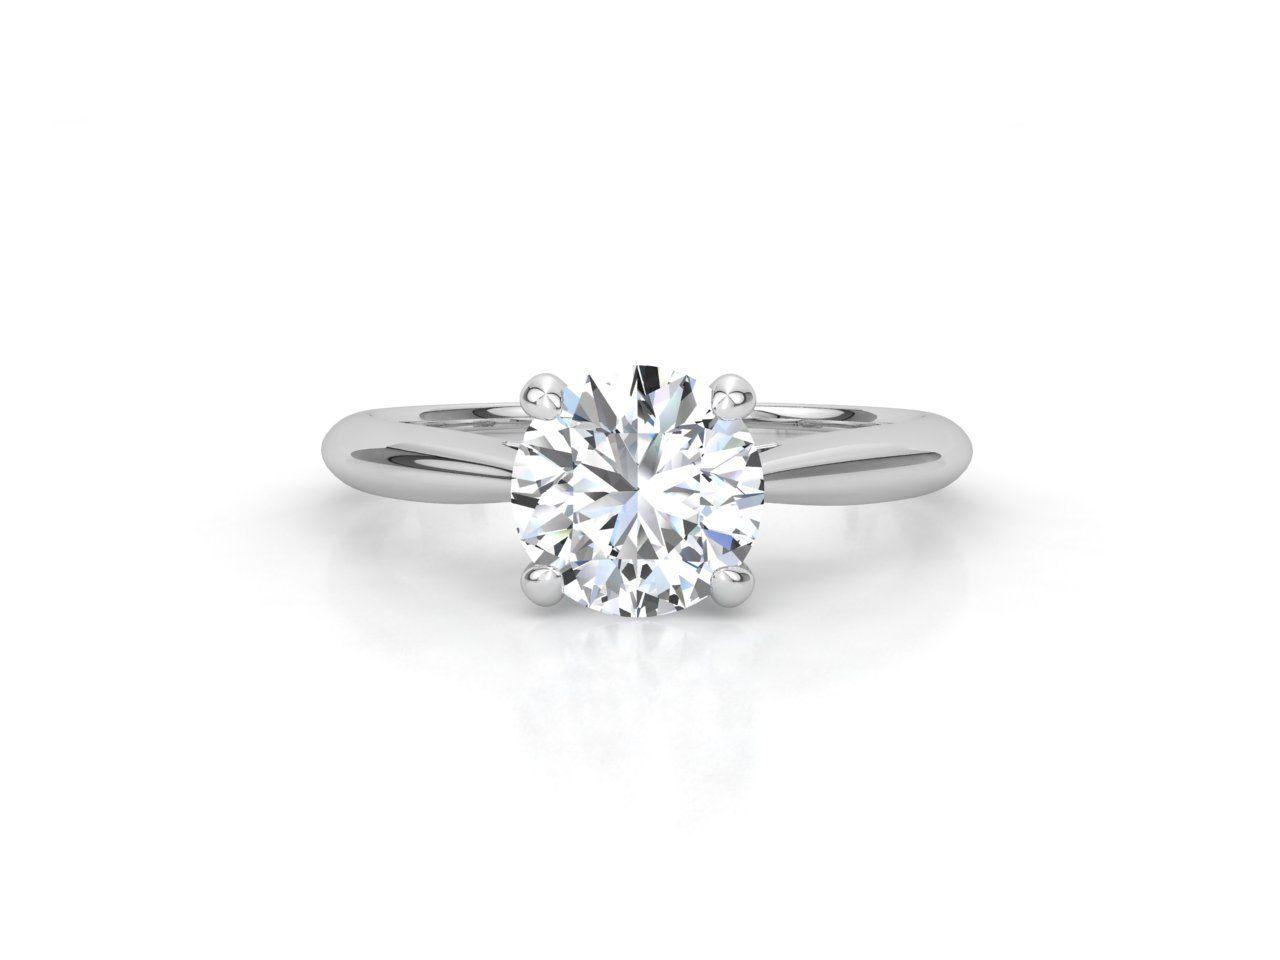 טבעת-אירוסין-זהב-לבן-סוליטר-קלאסית-עם-יהלום-מרכזי-0.83-קראט-7